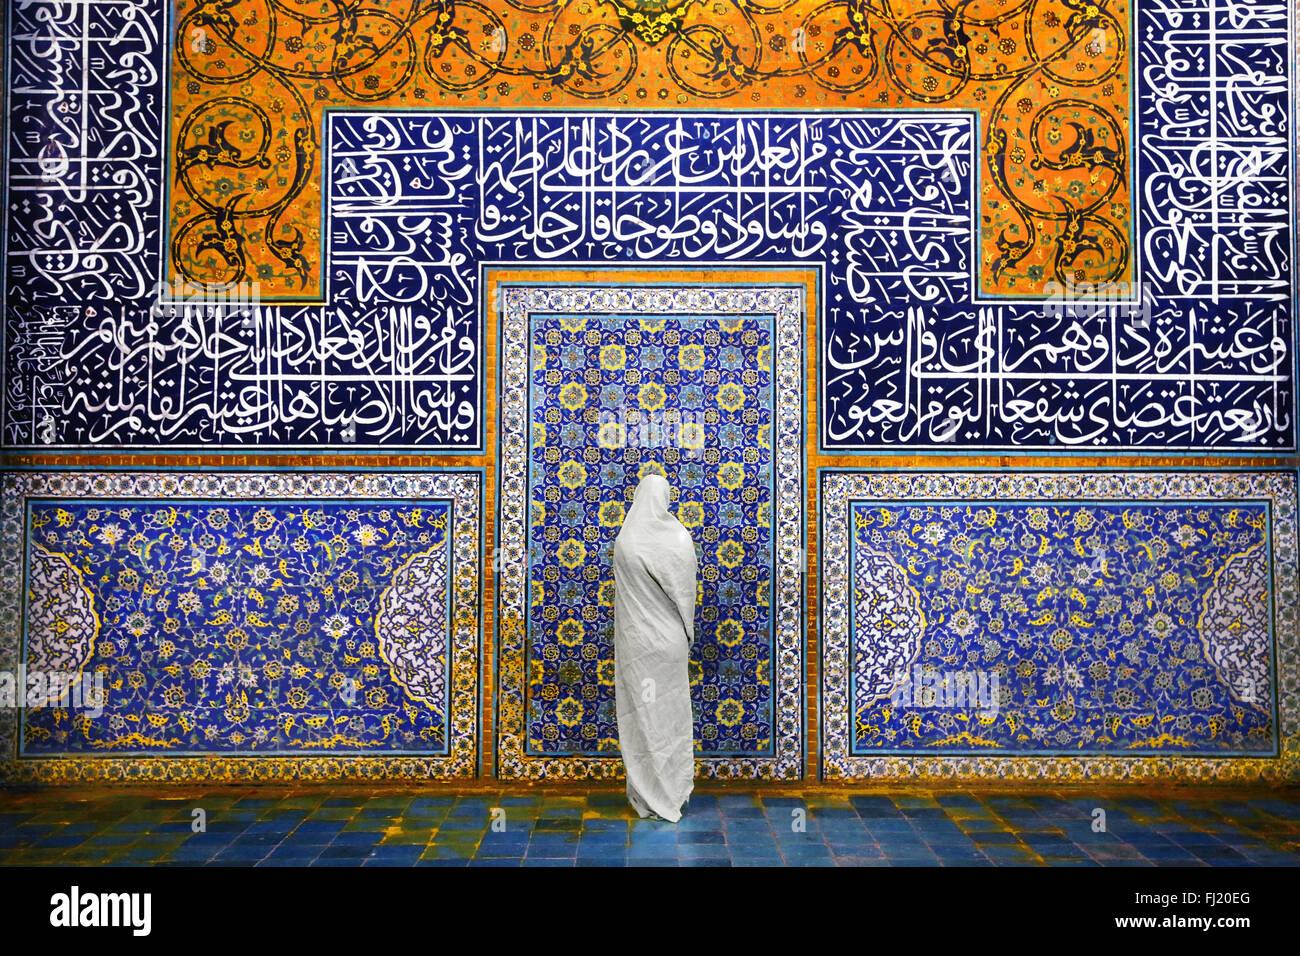 Mujer musulmana con velo y la arquitectura de la mezquita de Sheikh Lotfollah, Isfahan Imagen De Stock